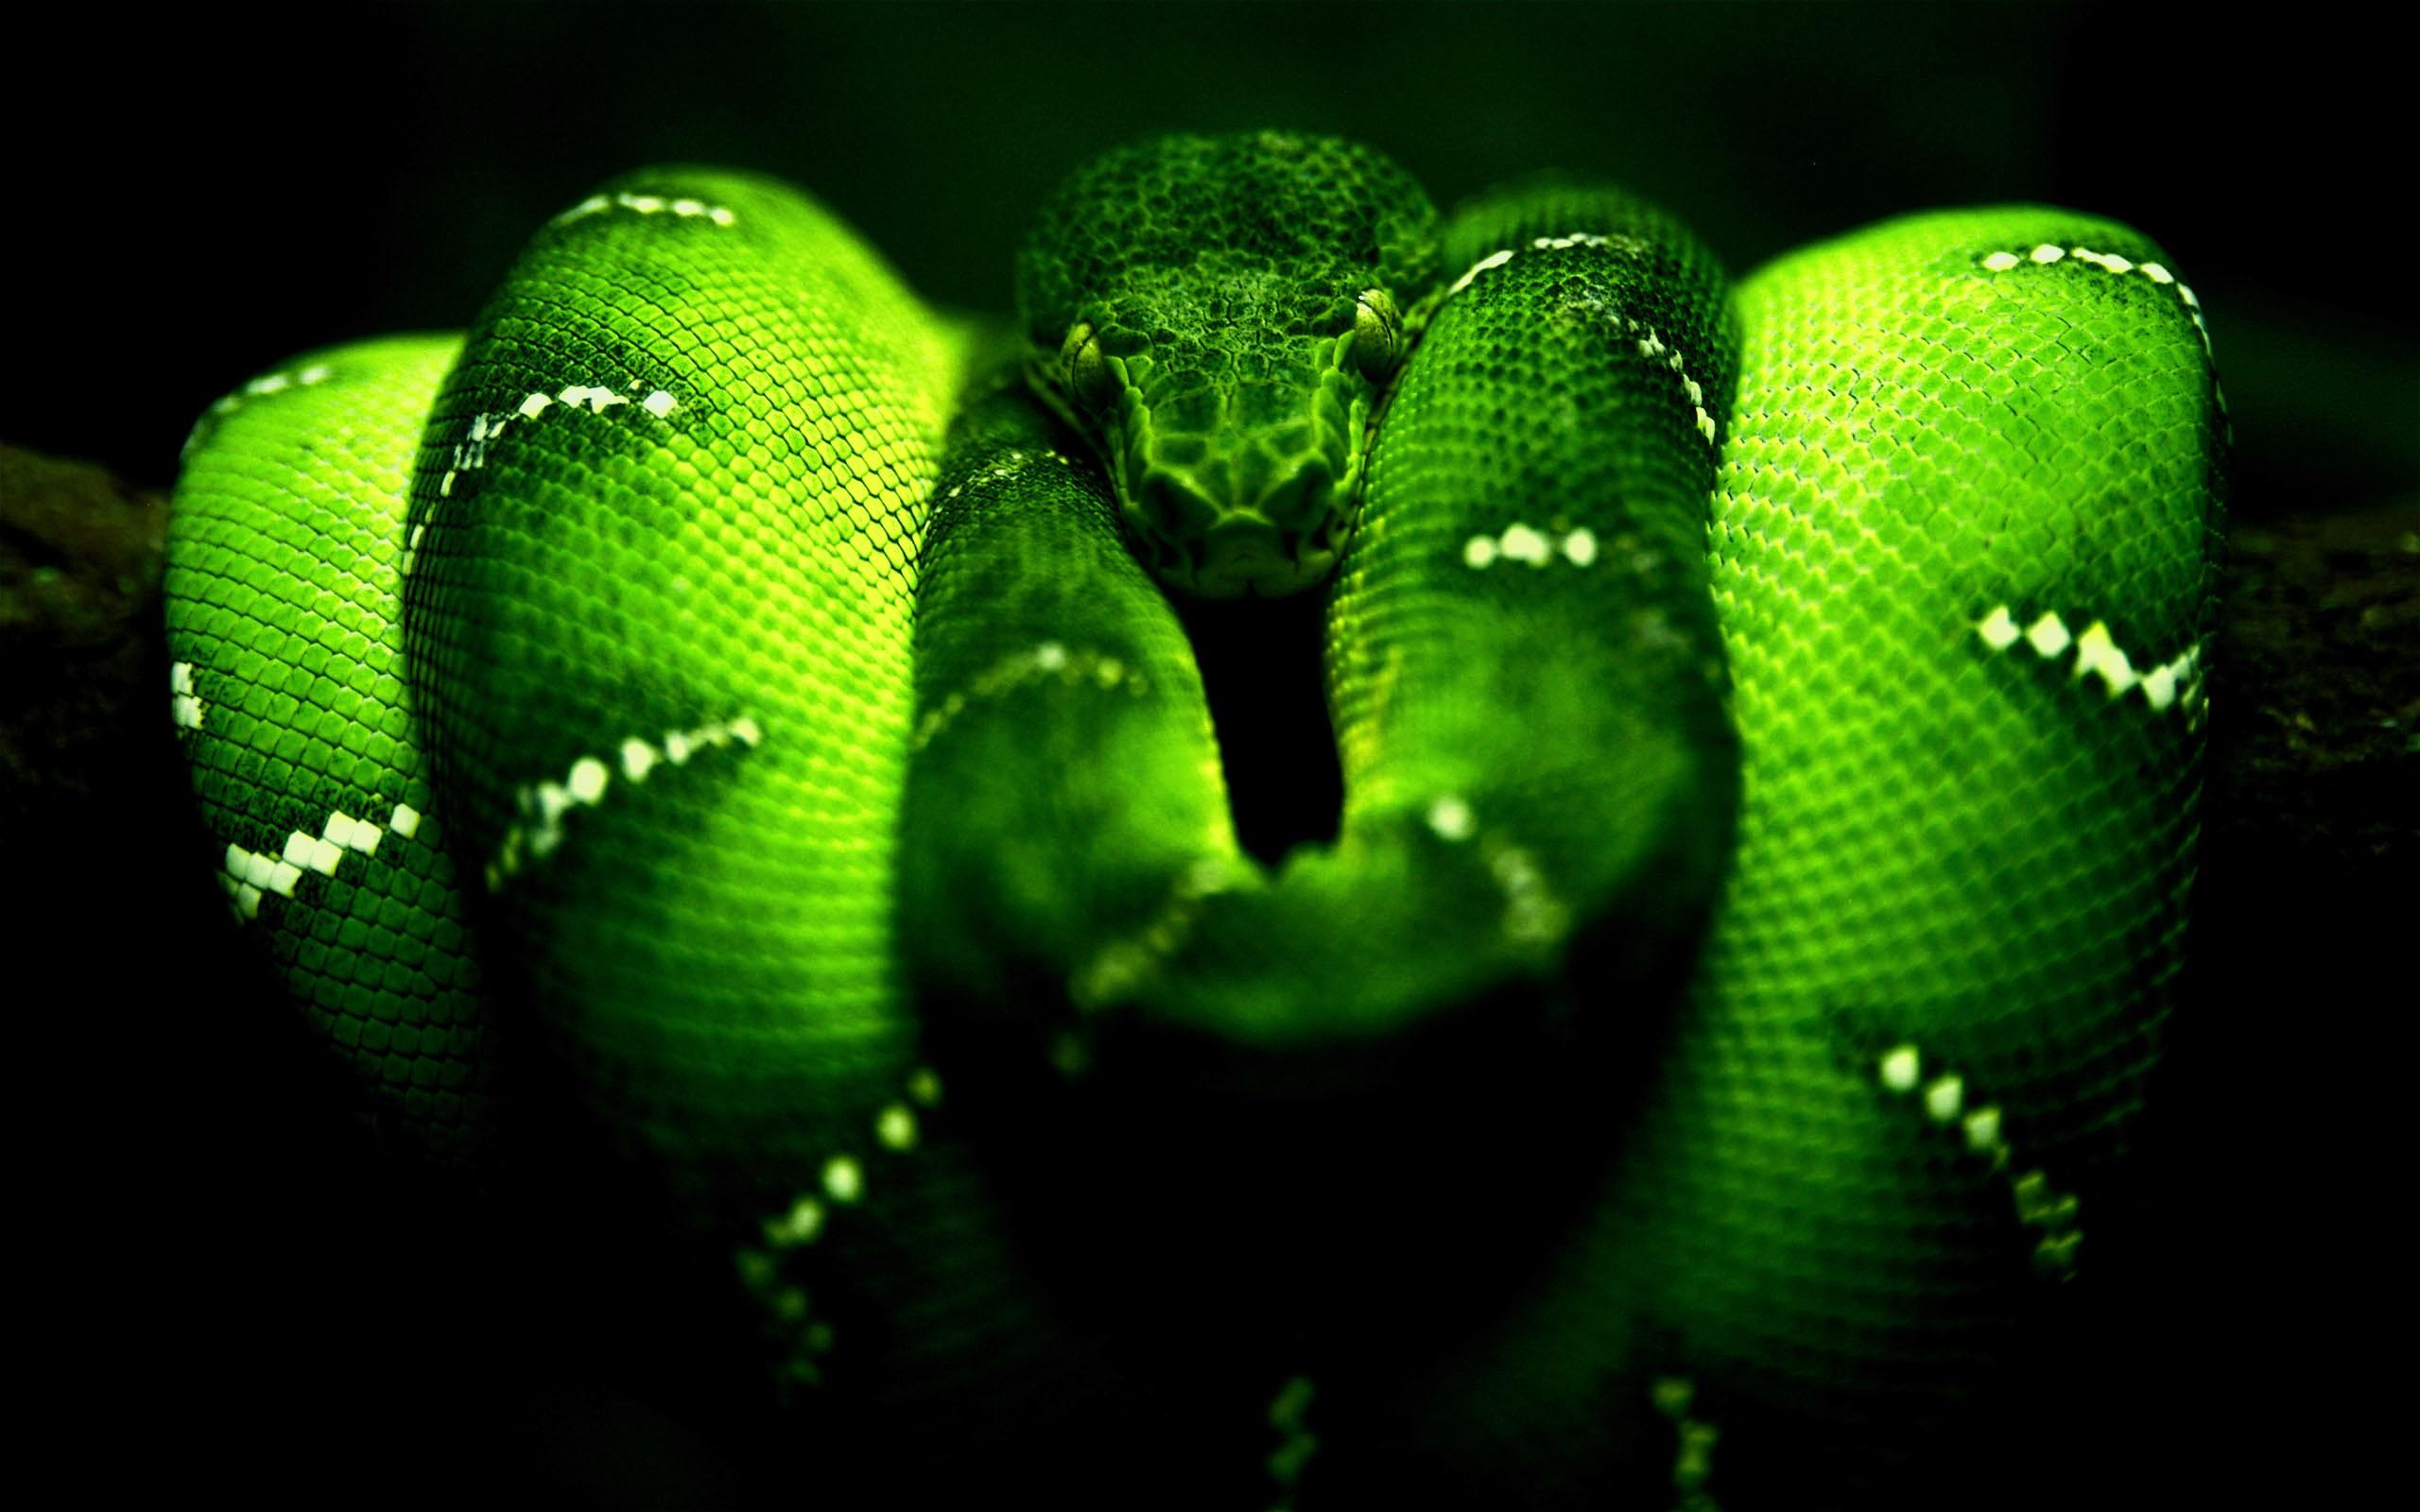 картинки змей для рабочего стола на весь экран несколько вариантов